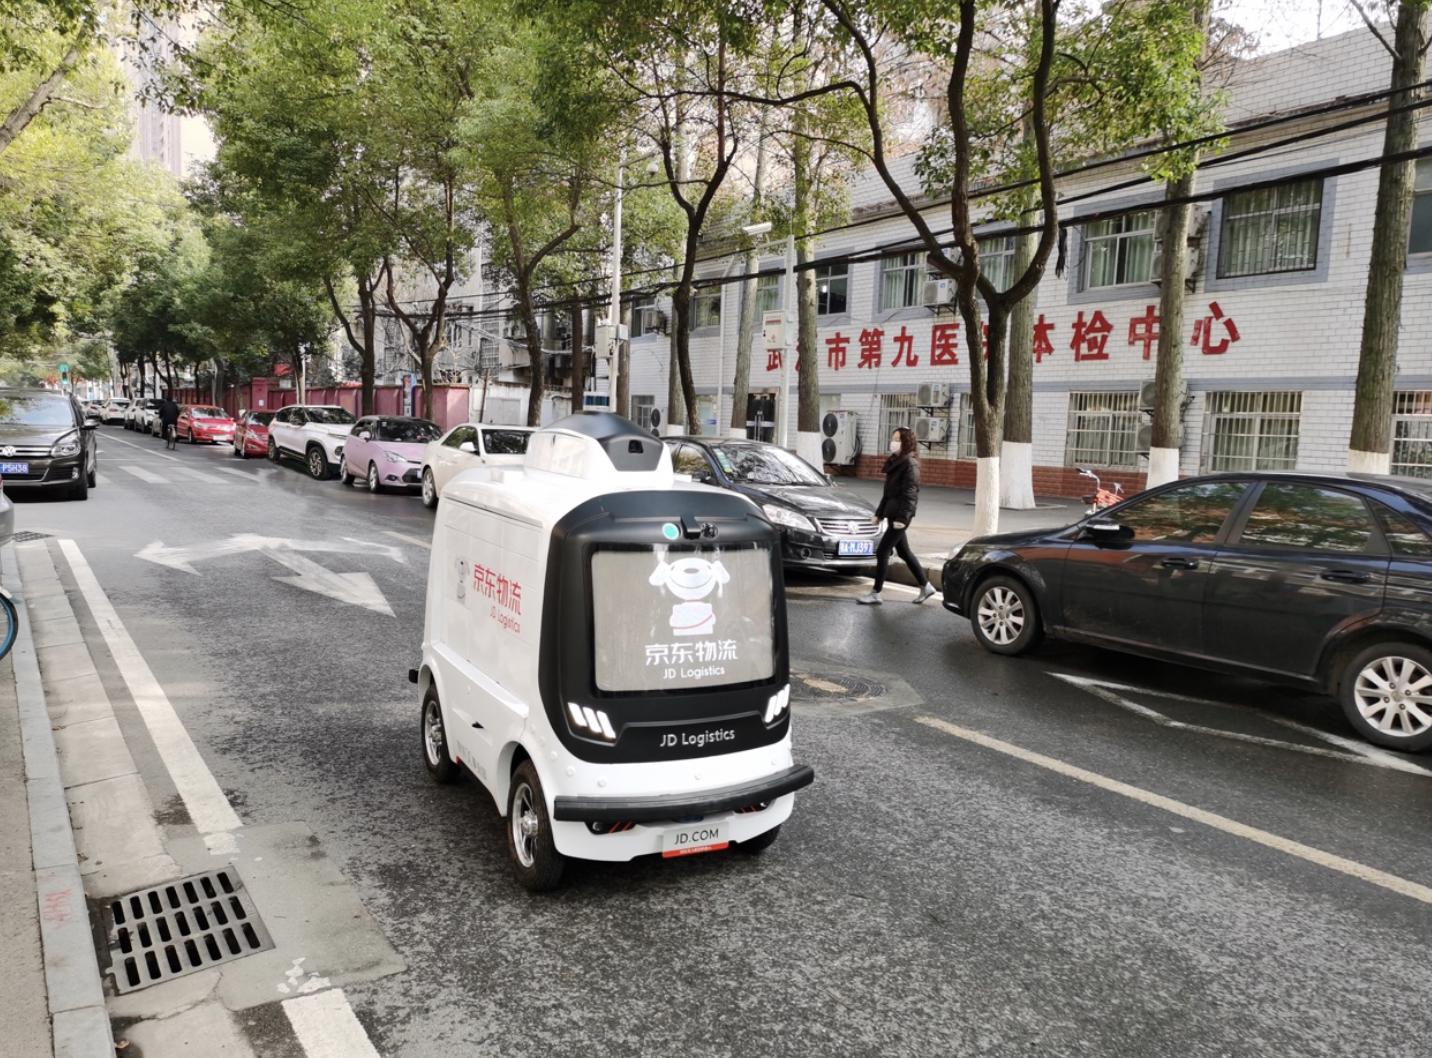 京东物流使用机器人送货完成了武汉智能配送第一单